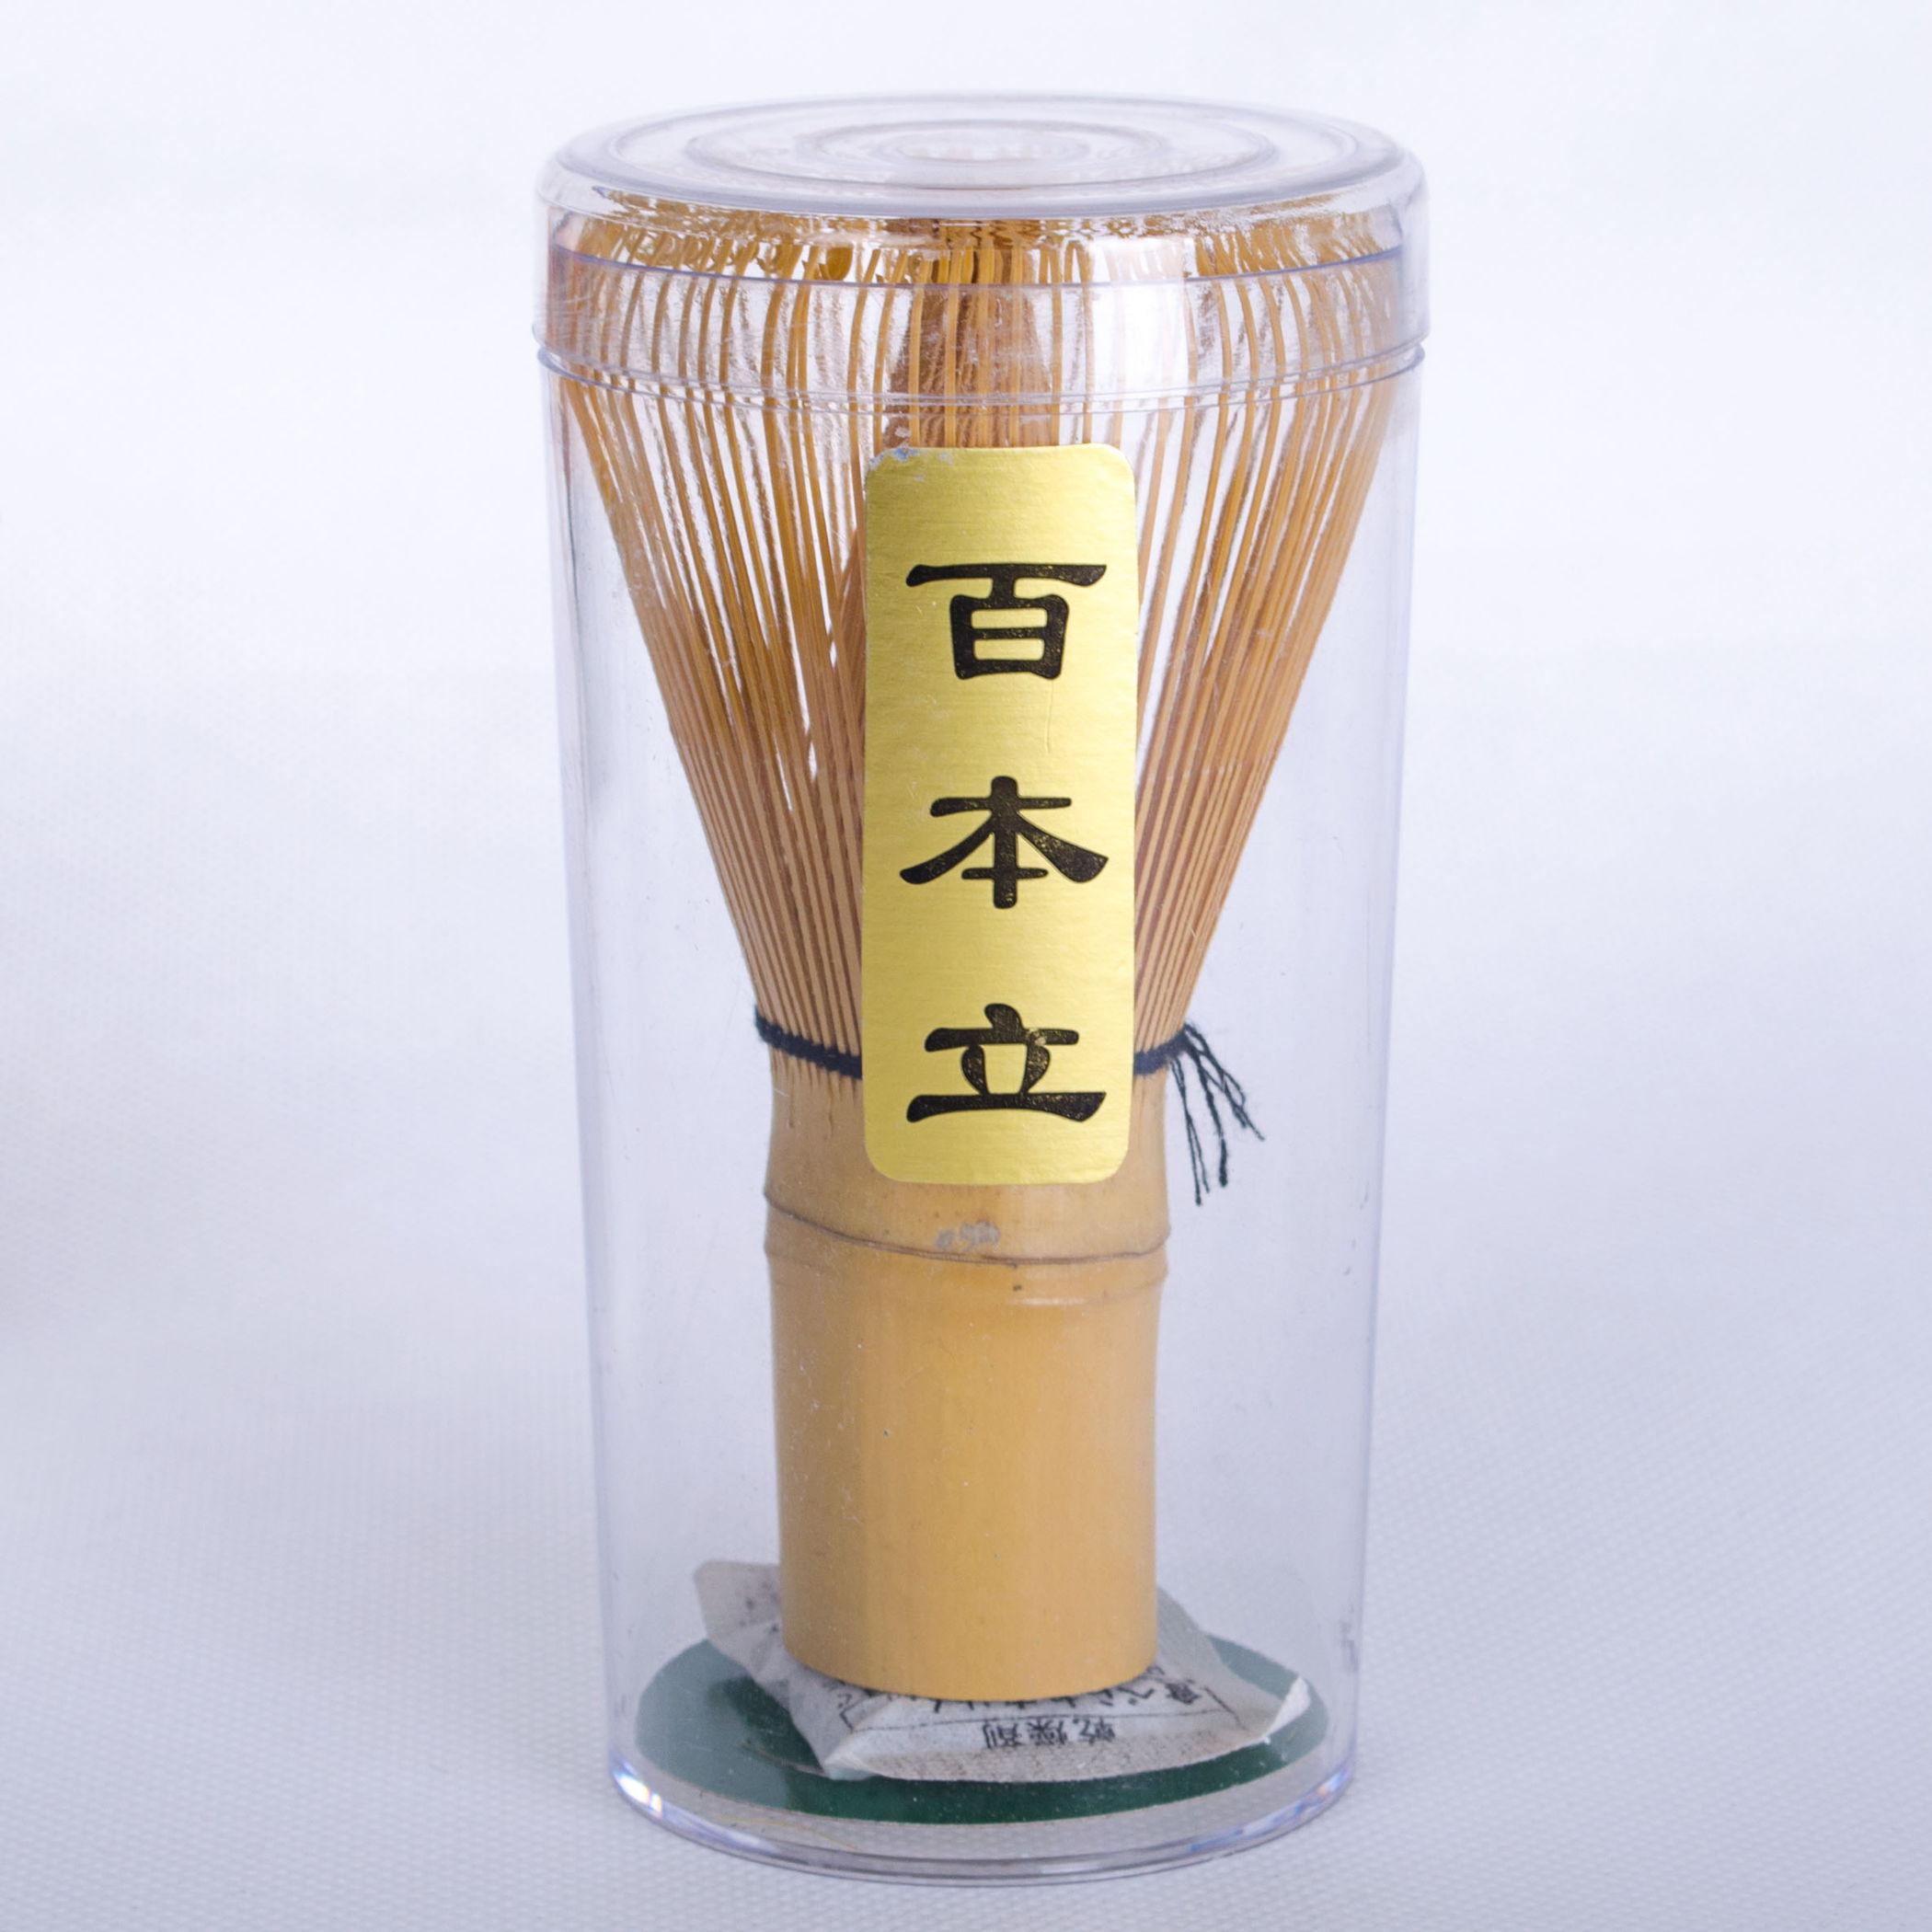 nouvelle cuisine broyeur le bambou brosse poudre de fouet le thé vert matcha